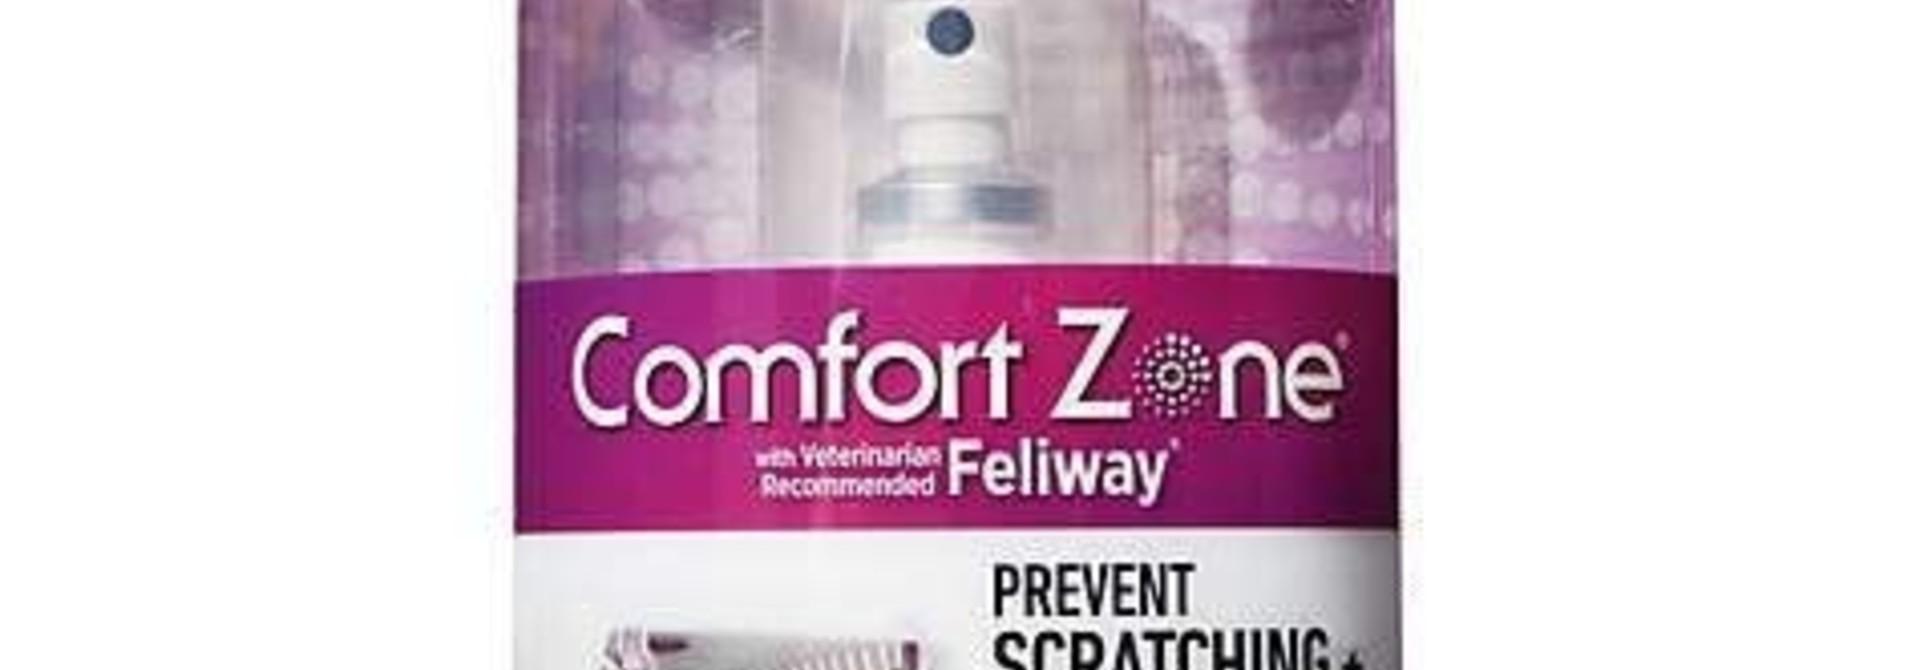 Comfort Zone Feliway Spray 75ml